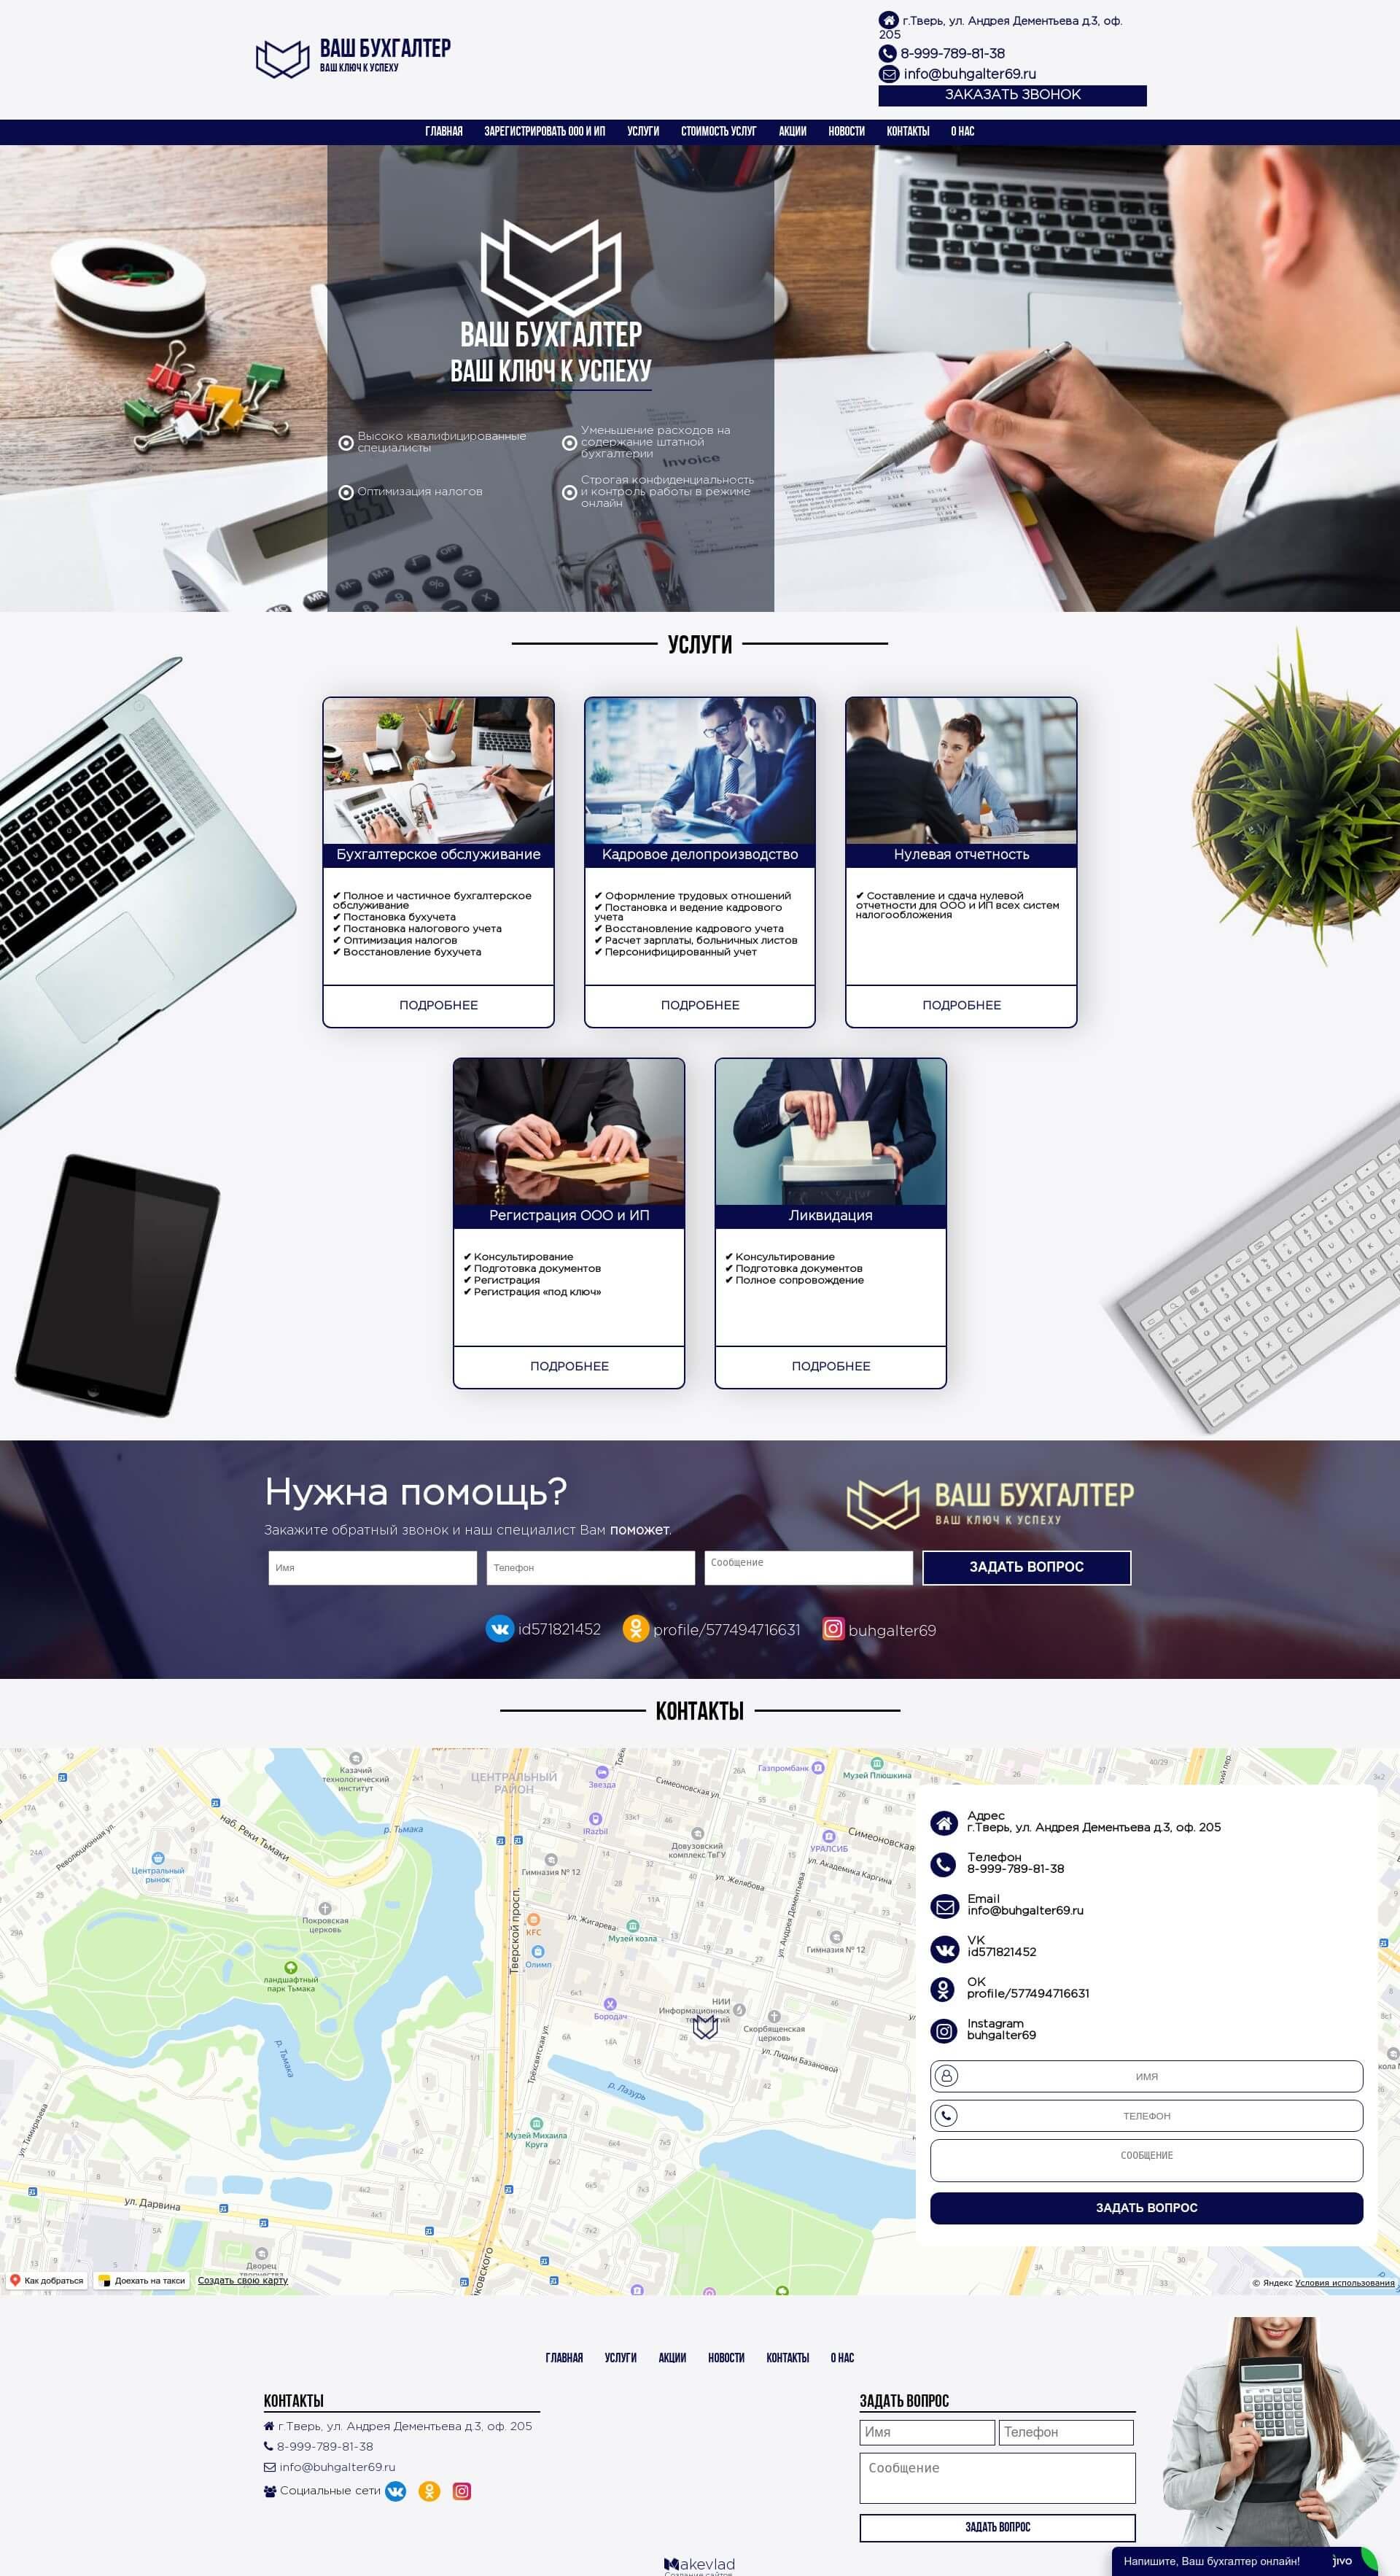 Скриншот №1 страницы сайта во весь экран. Сайт для бухгалтерских услуг